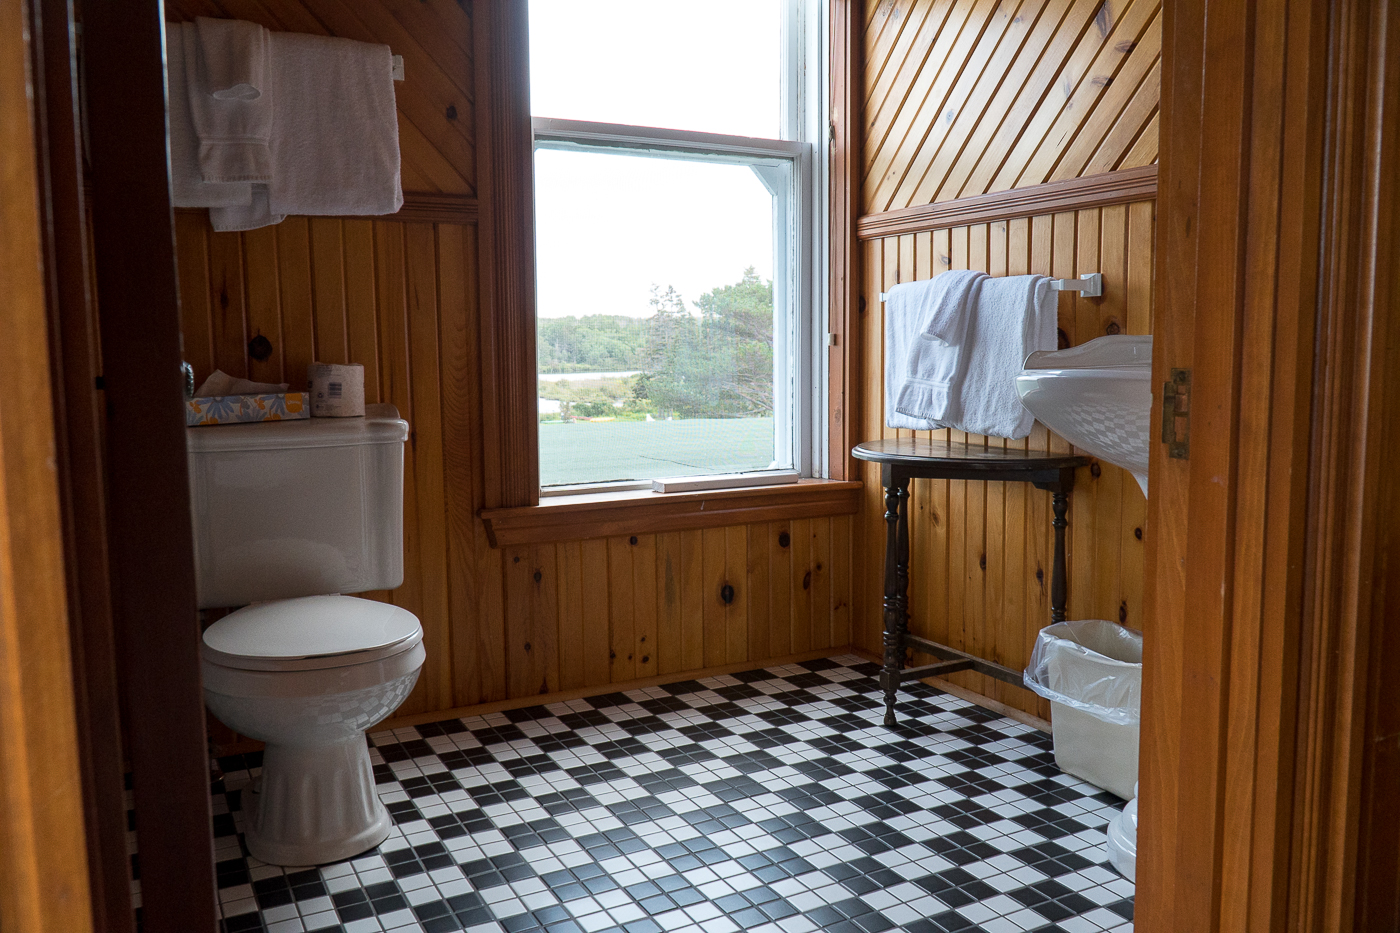 Salle de bains avec plancher noir et blanc vintage de Dalvay by the Sea